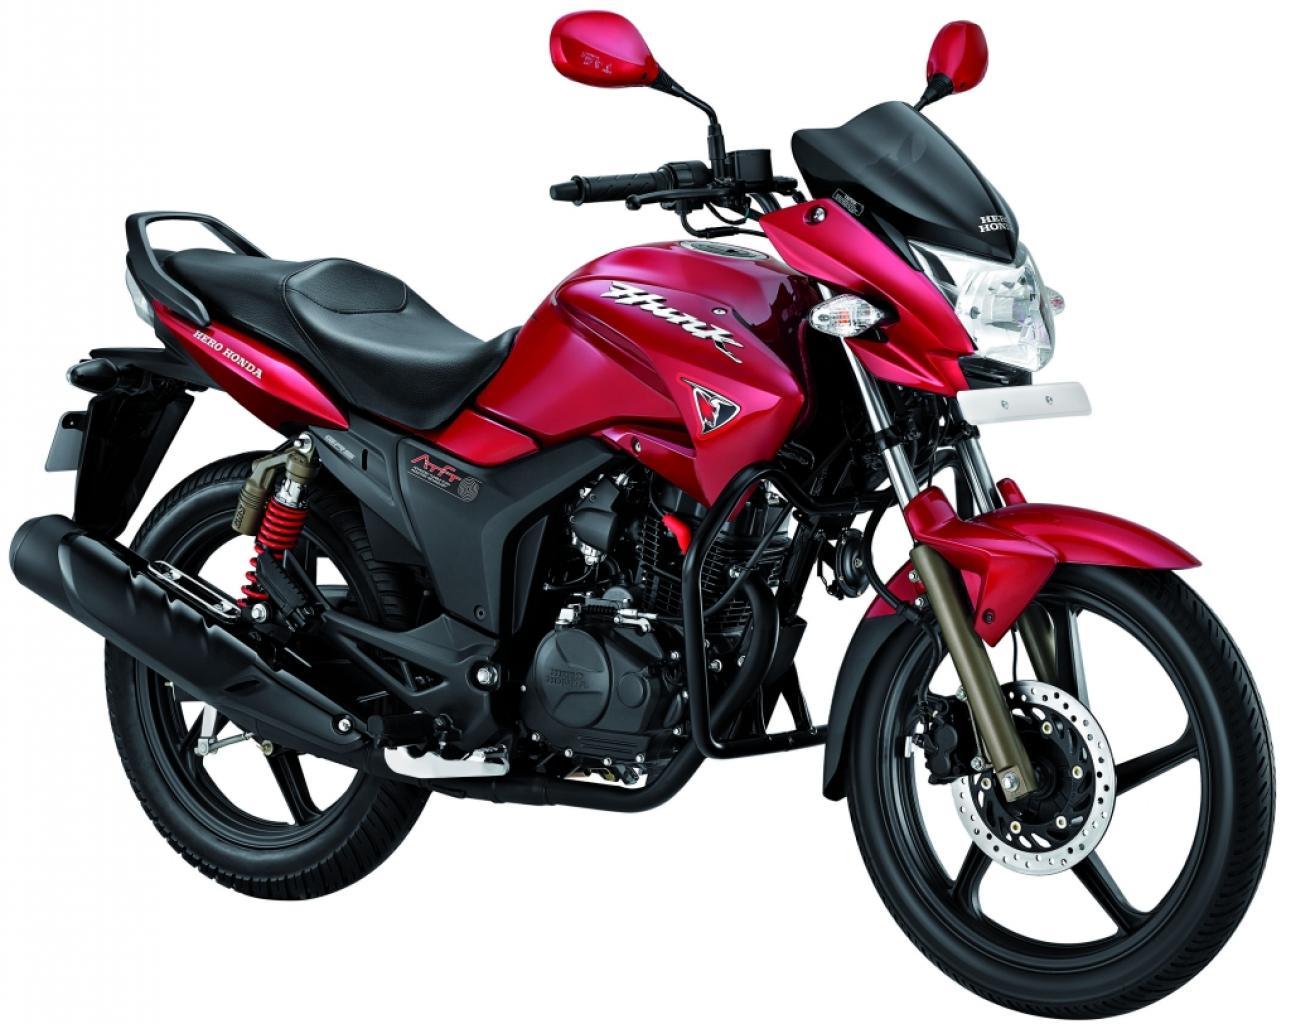 2011 hero honda hunk price in india hero honda hunk price in delhi mumbai bangalore chennai kolkata pune